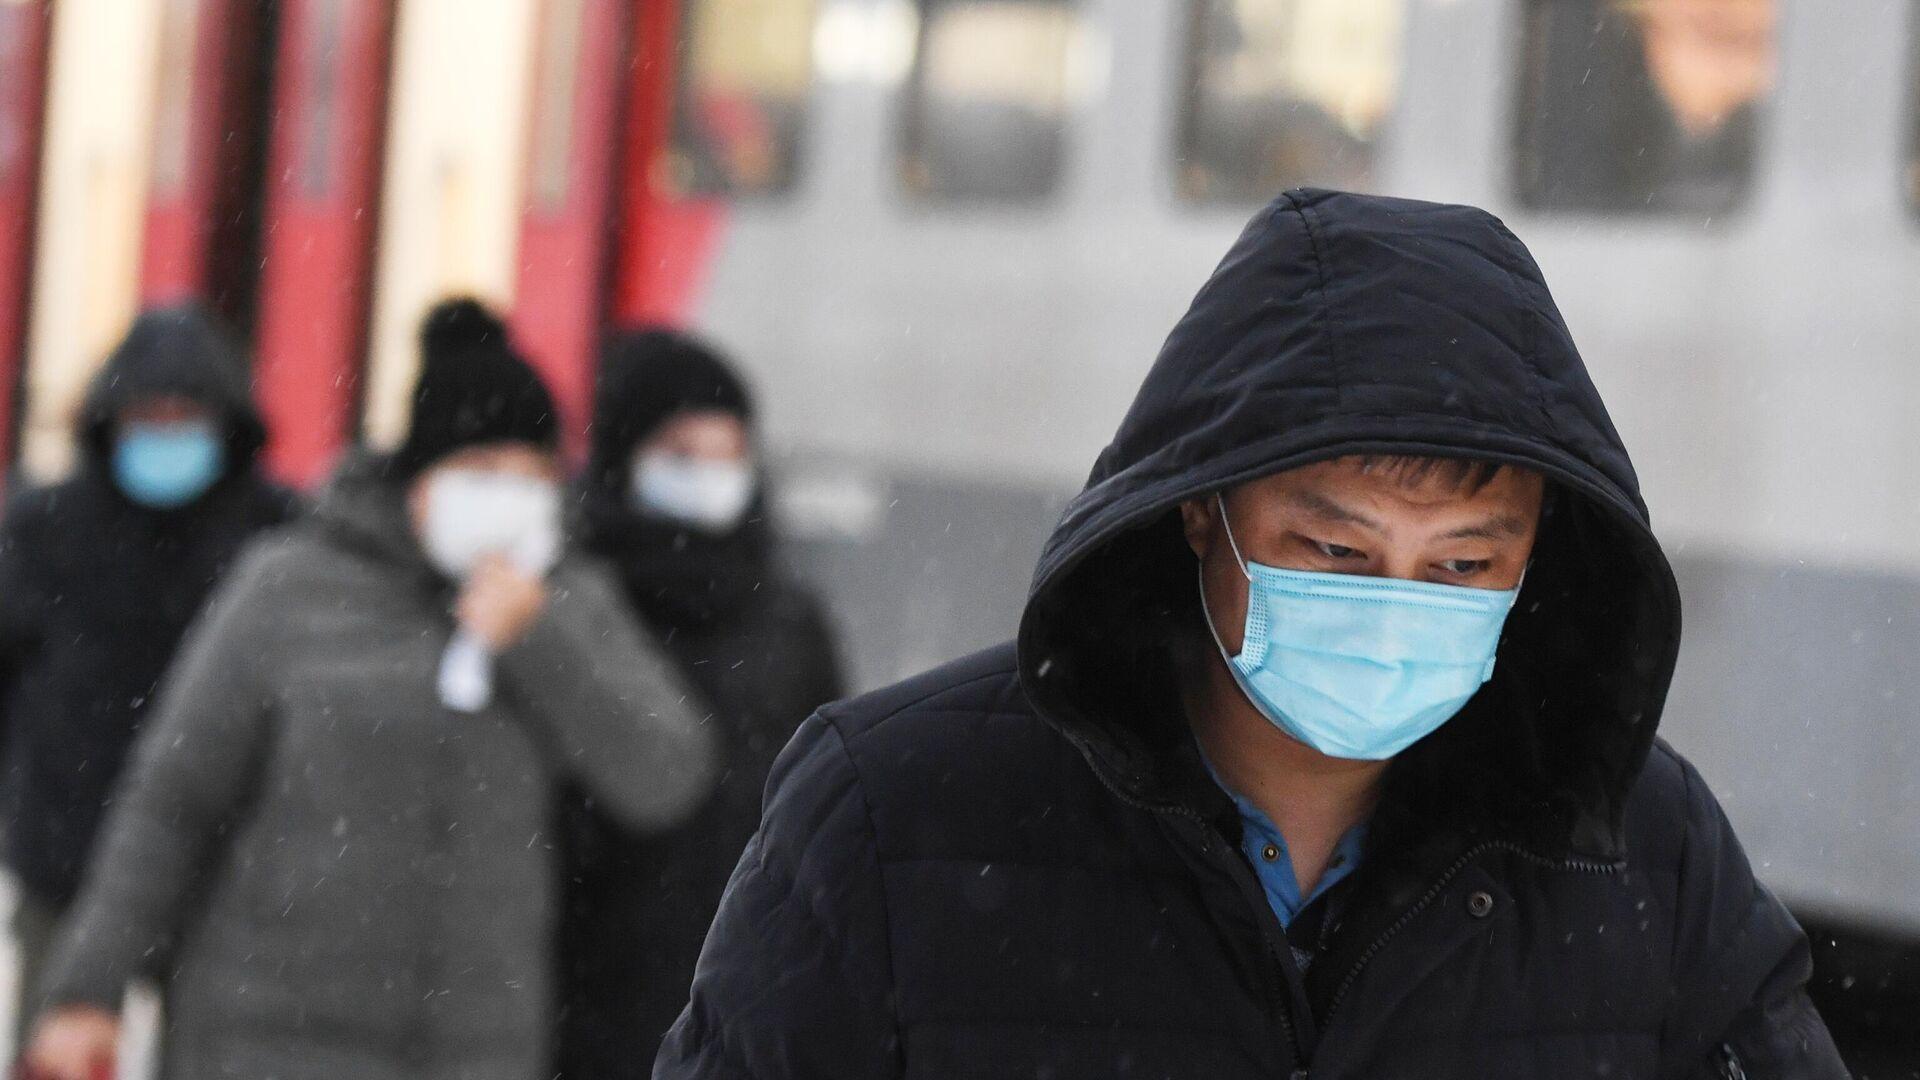 Пассажиры в защитных масках на железнодорожной станции в Новосибирске - РИА Новости, 1920, 03.11.2020